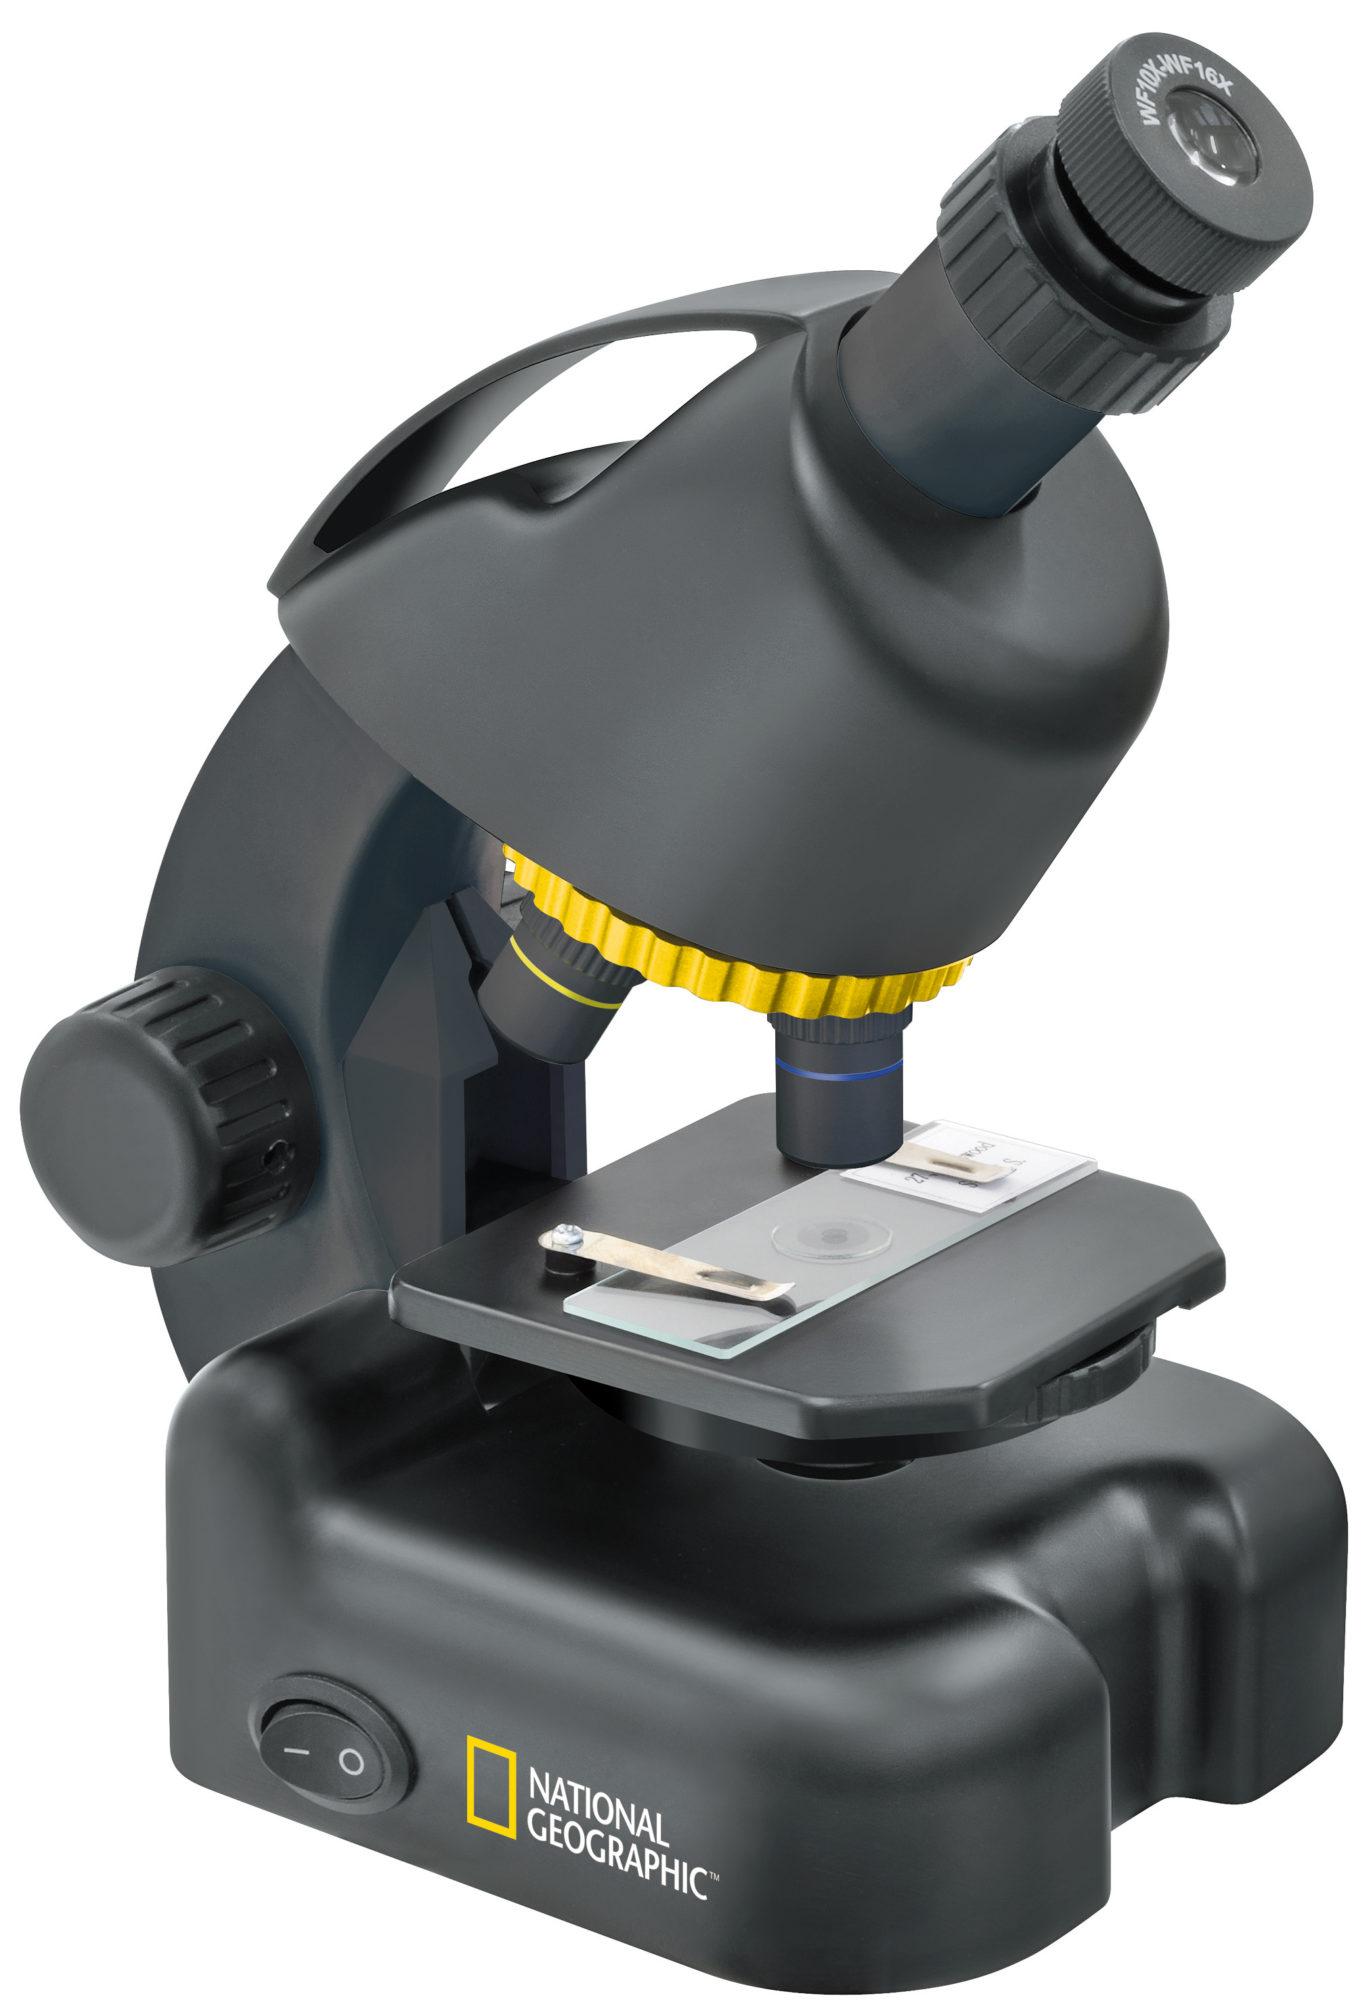 Dětský mikroskop National geographic 40x-640x + Smart plate